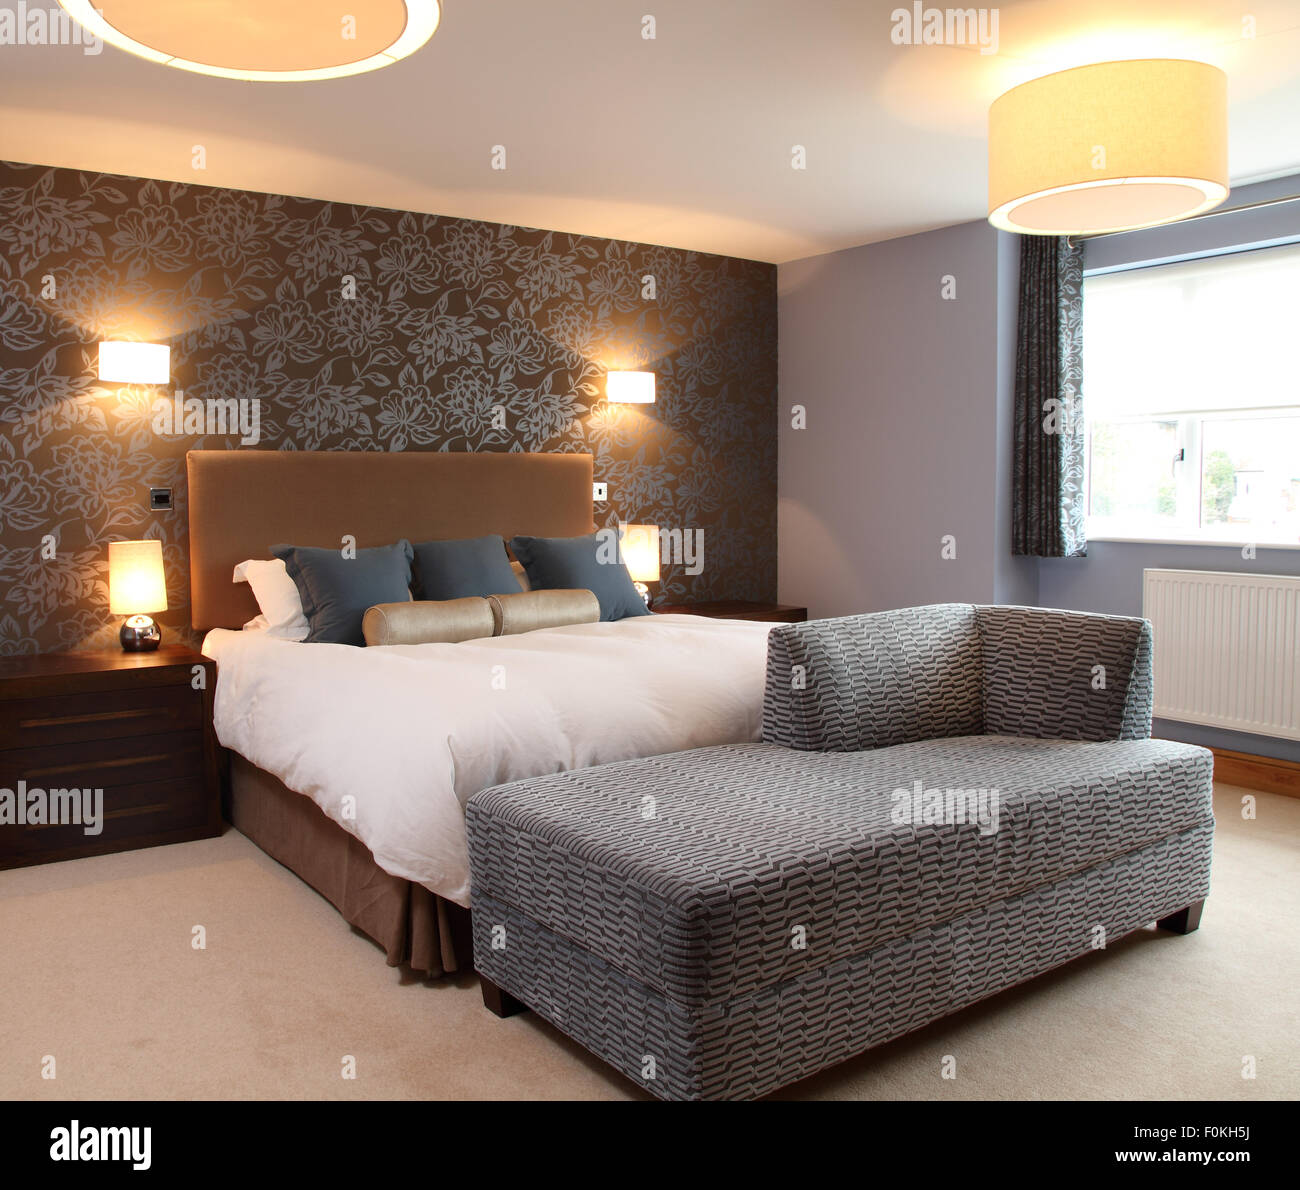 Moderne Schlafzimmer Mit Wandleuchten Und Tischleuchten Seite. Gepolsterte  Camel Farbige Kopfteil. Braune Tapete Mit Grauen Blume Design Wand